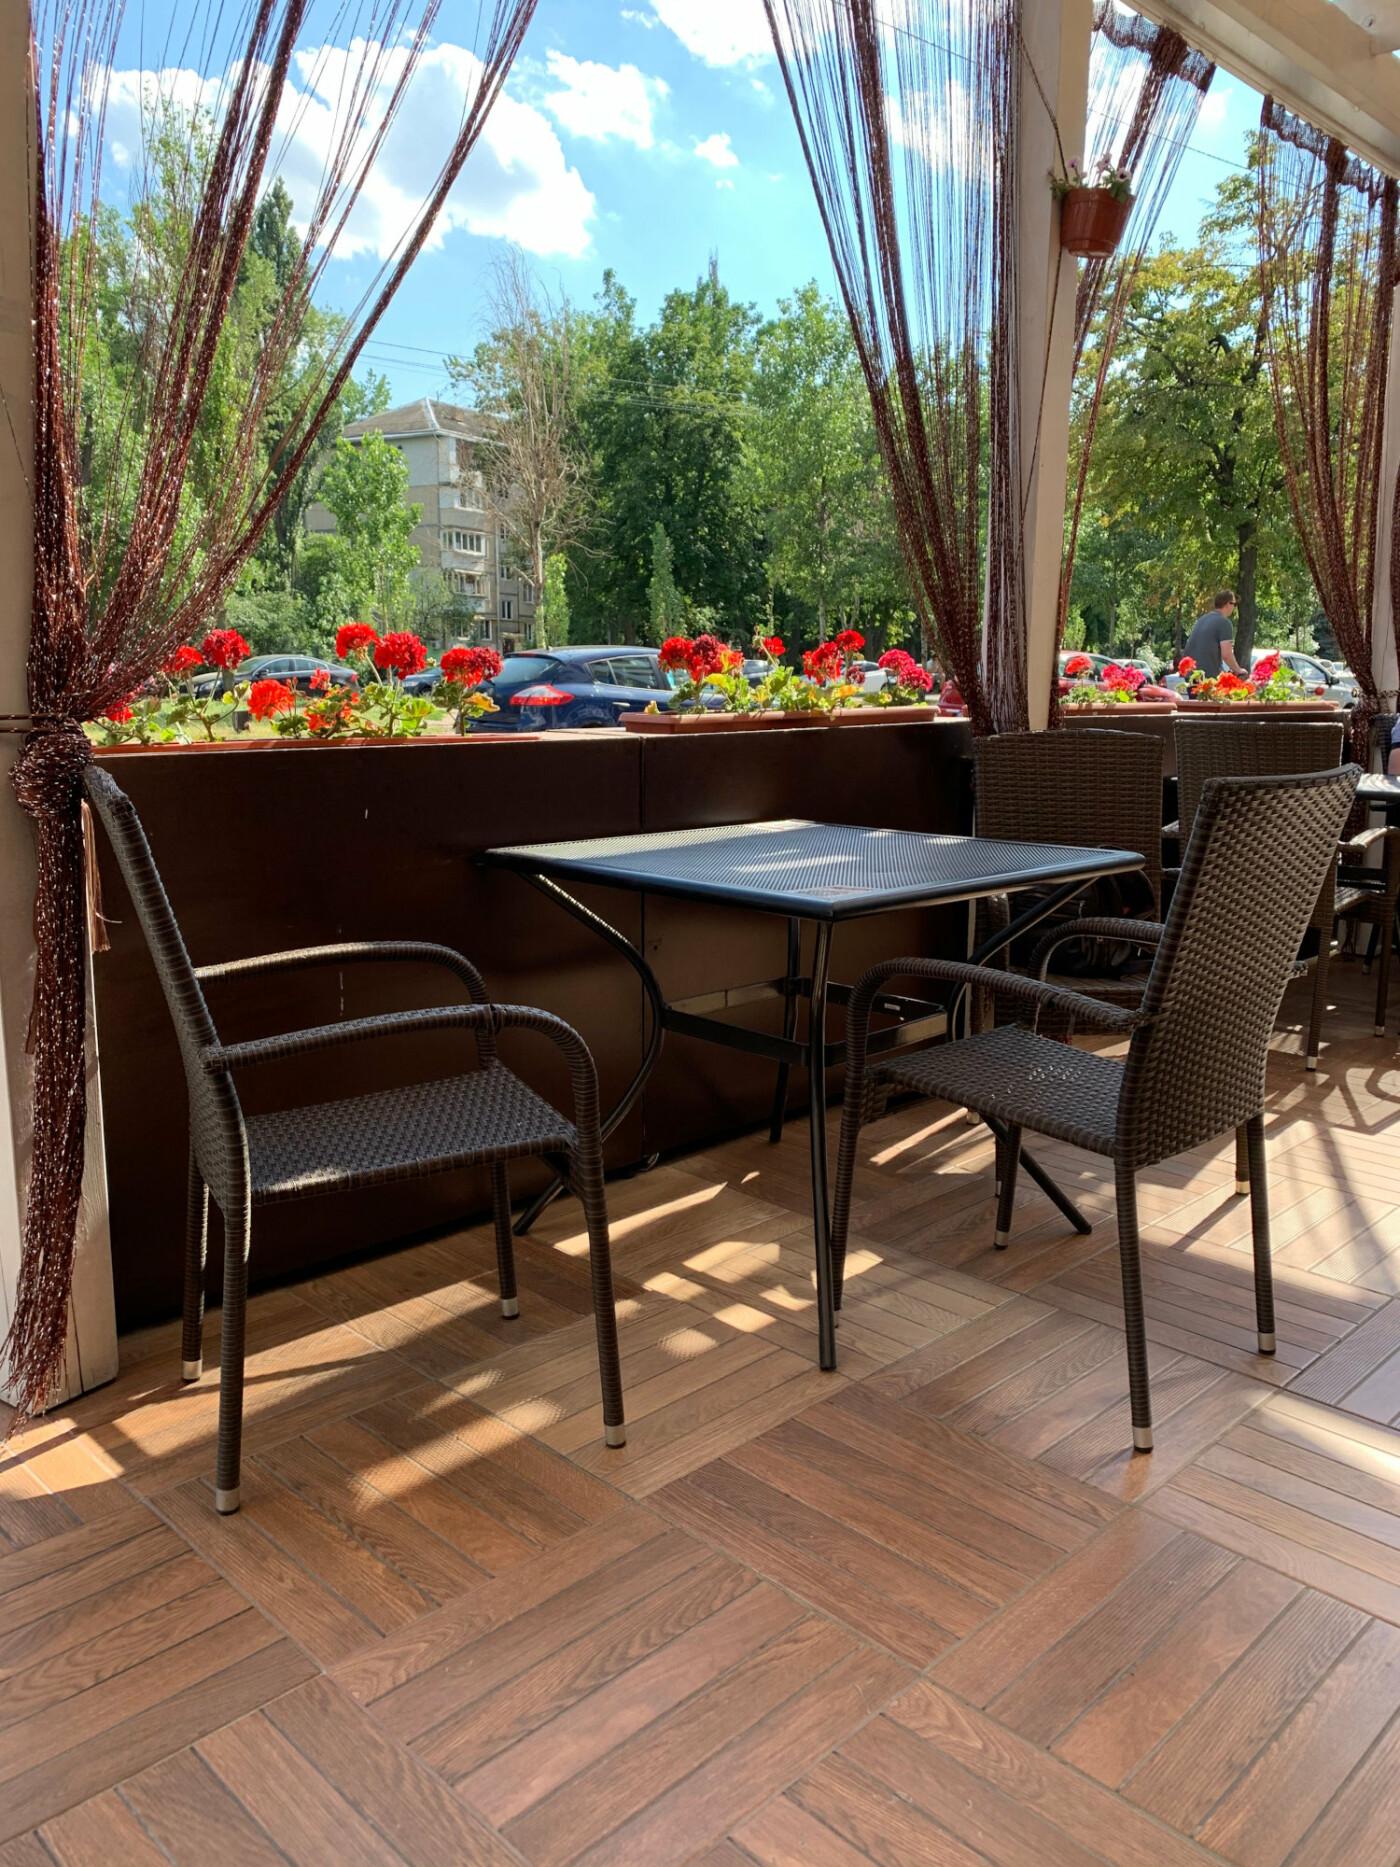 Летние террасы Киева: где отдохнуть и расслабиться на свежем воздухе, фото-19